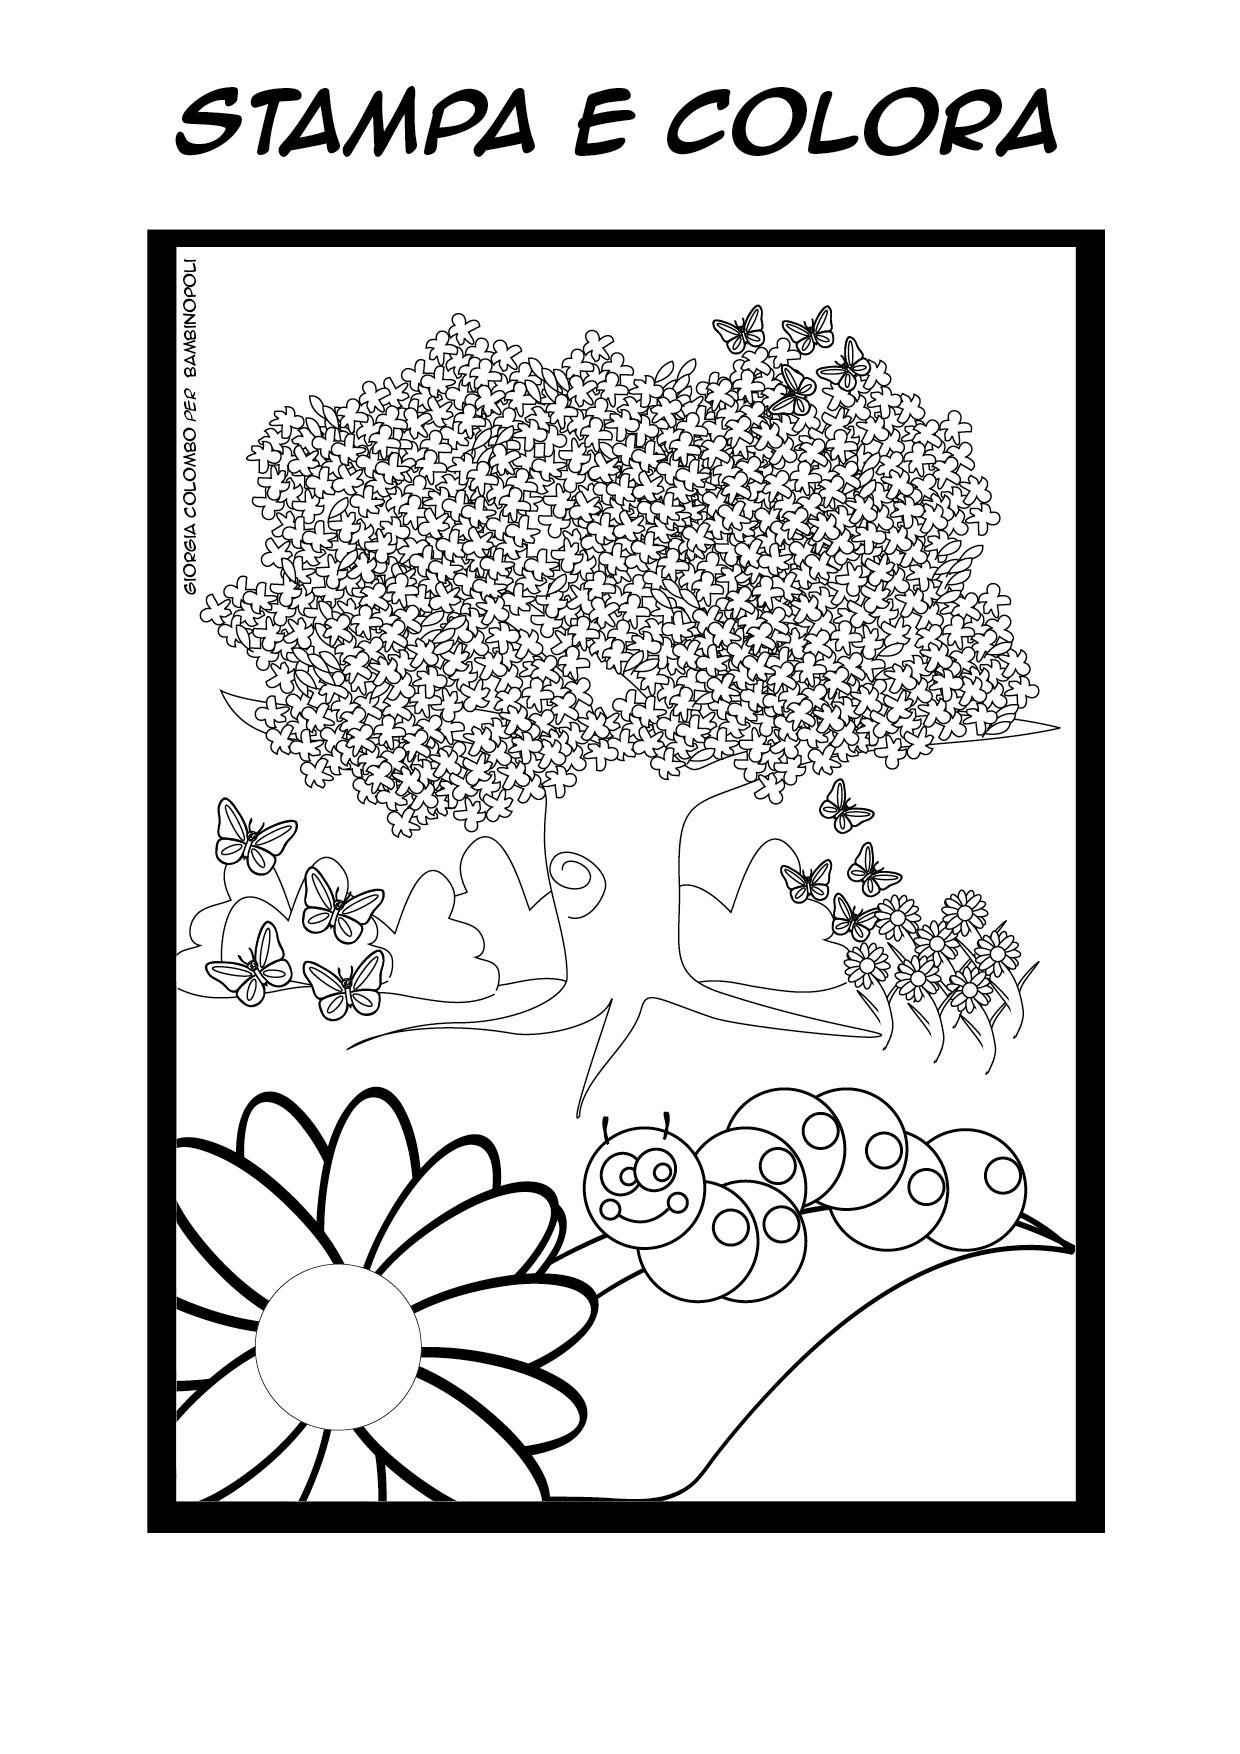 Clicca e stampa il disegno for Immagini sulla primavera da stampare e colorare